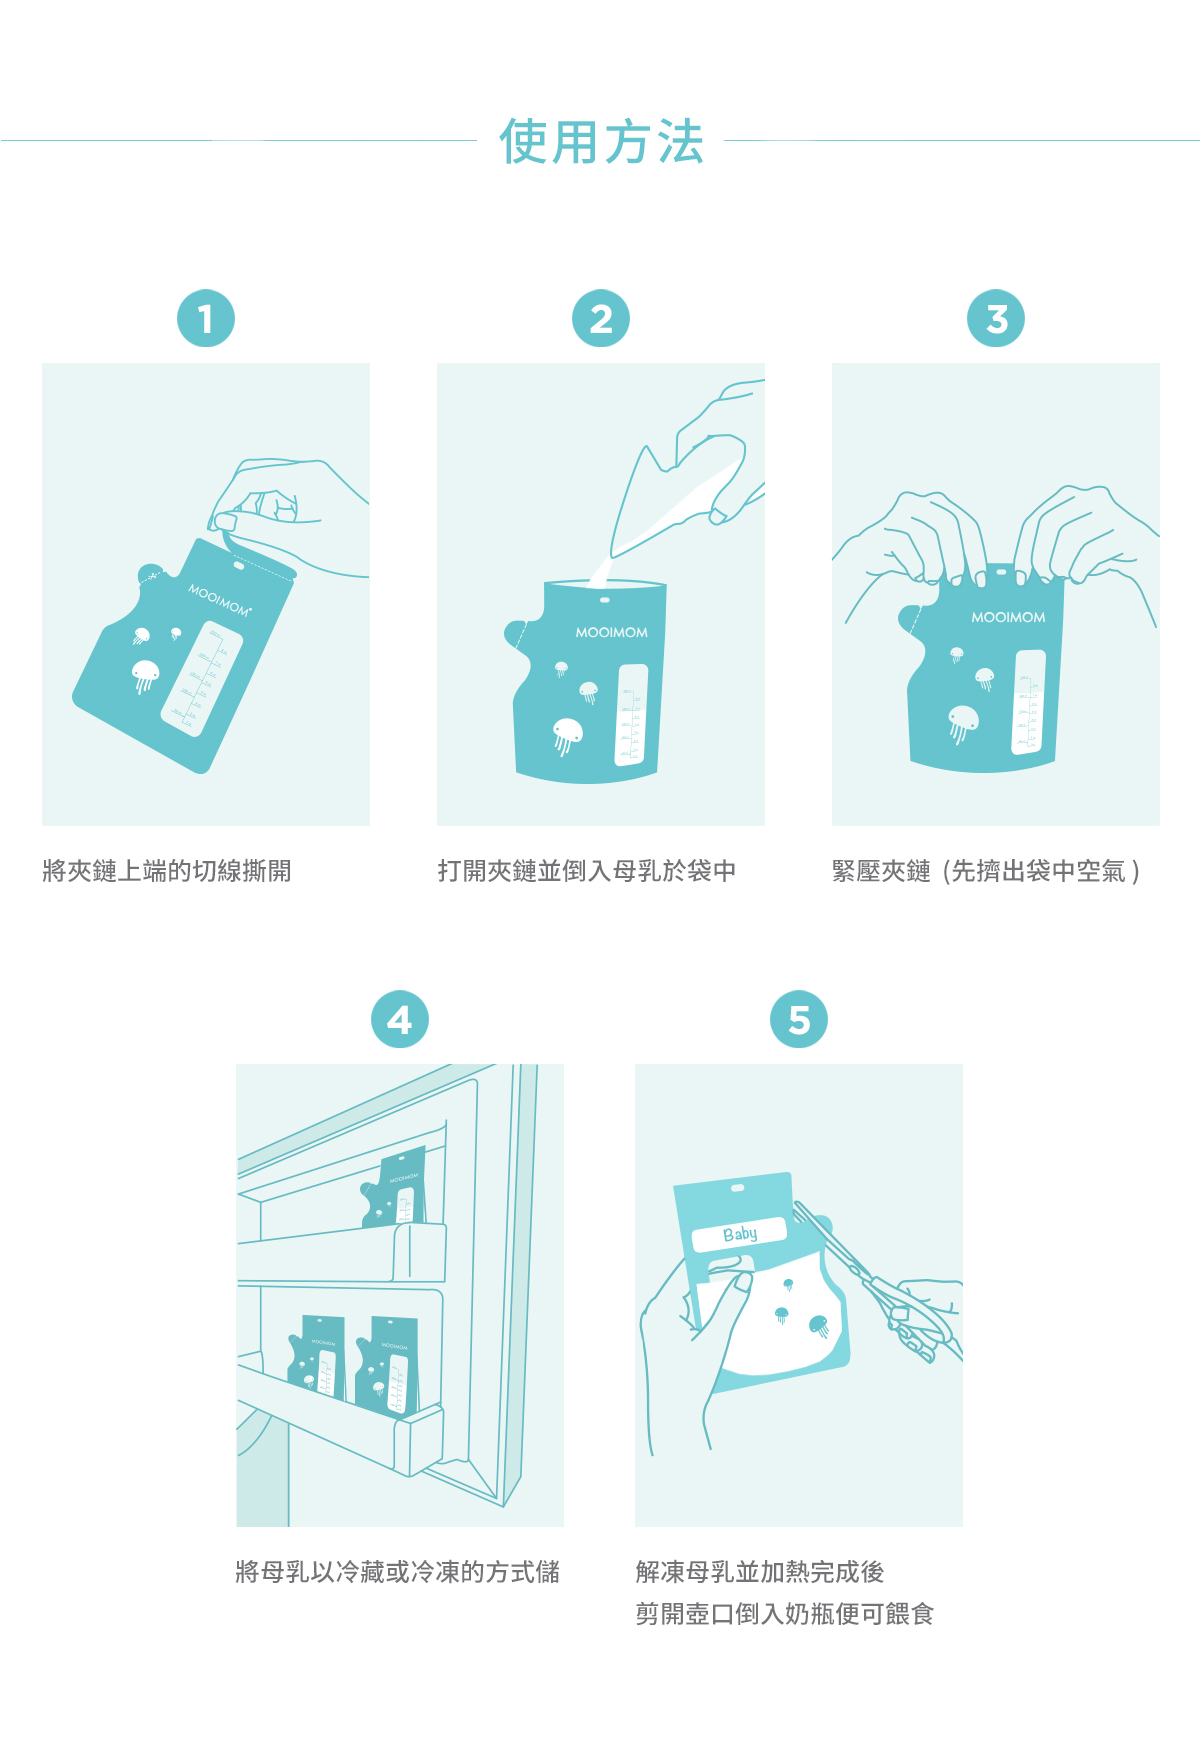 母乳袋, 站立式壺形母乳袋,, 母乳, 哺乳, 哺餵, 特點, 使用方法, 緊壓夾鏈, 打開夾鏈, 倒入母乳於袋中, 冷藏, 冷凍, 剪開壺口, 倒入奶瓶